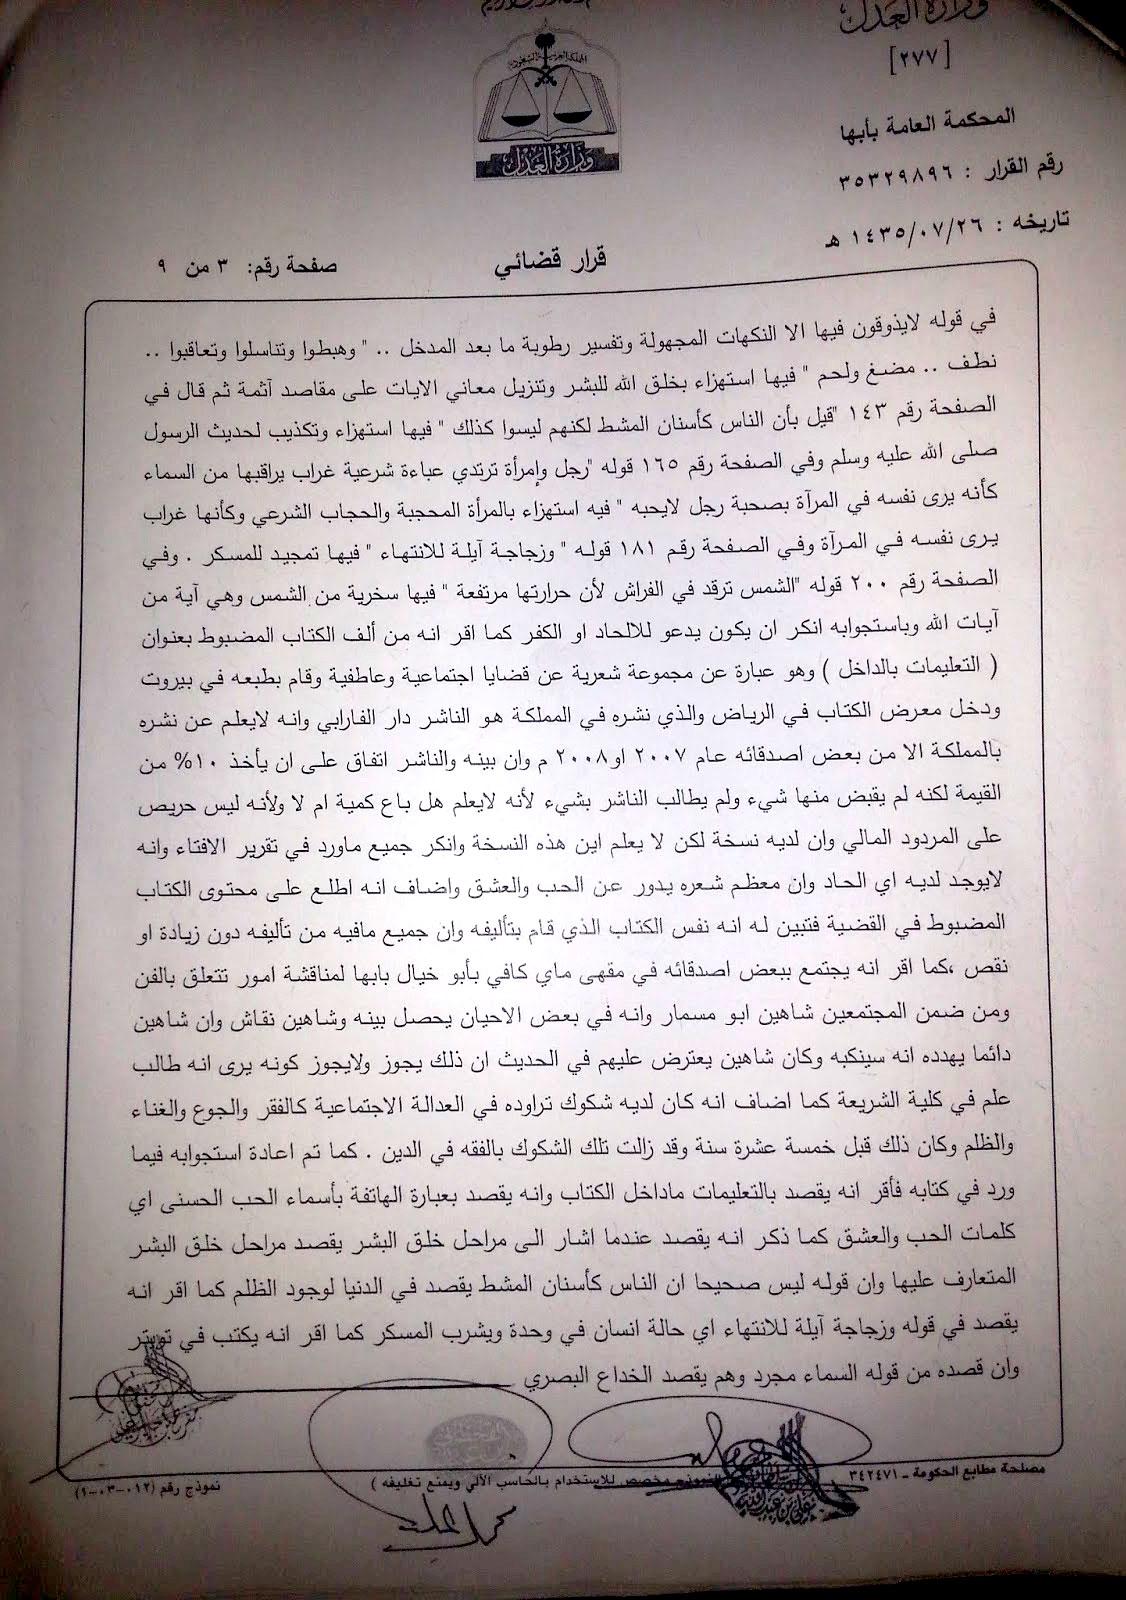 الشاعر أشرف فياض - 3